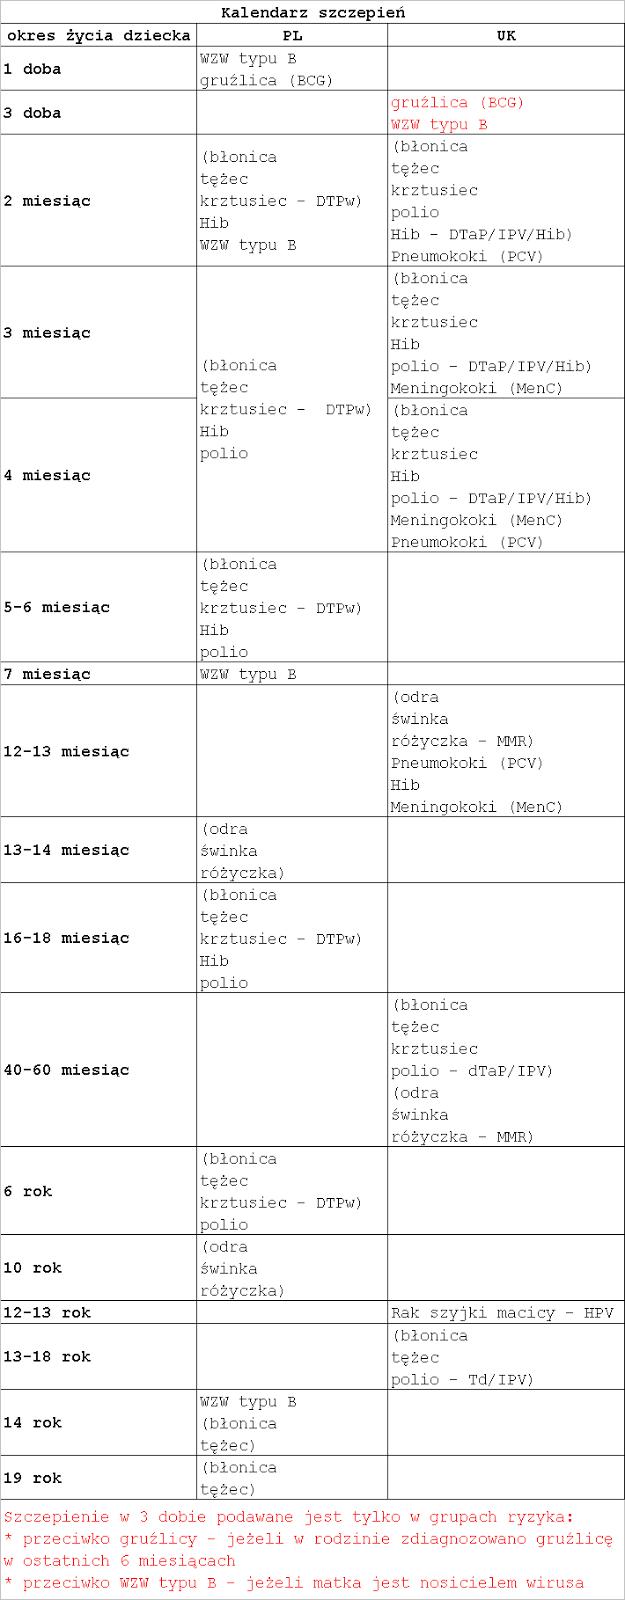 Kalendarze Szczepień Współczesne I Archiwalne Lata 60 70 80